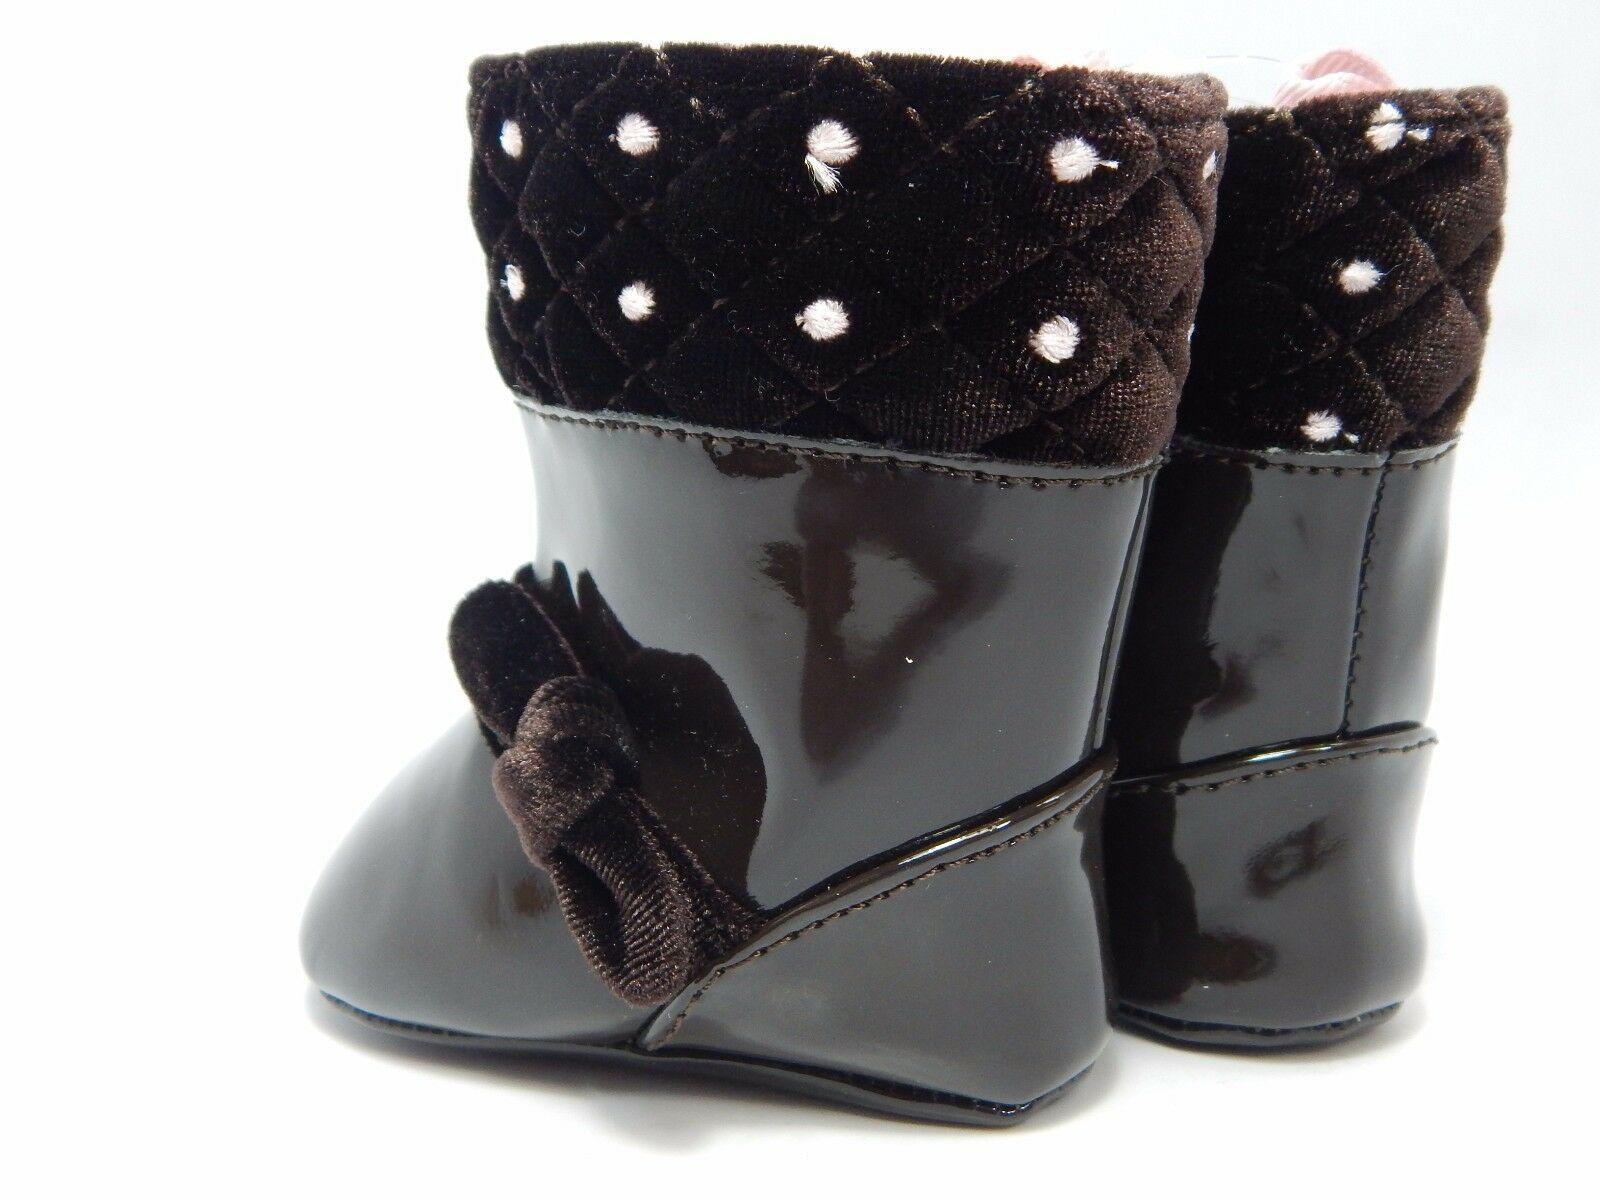 Nwt Baby Deer Lackleder Kleinkind Mädchen Stiefel Schuhe Gr. 1 0-12 Months